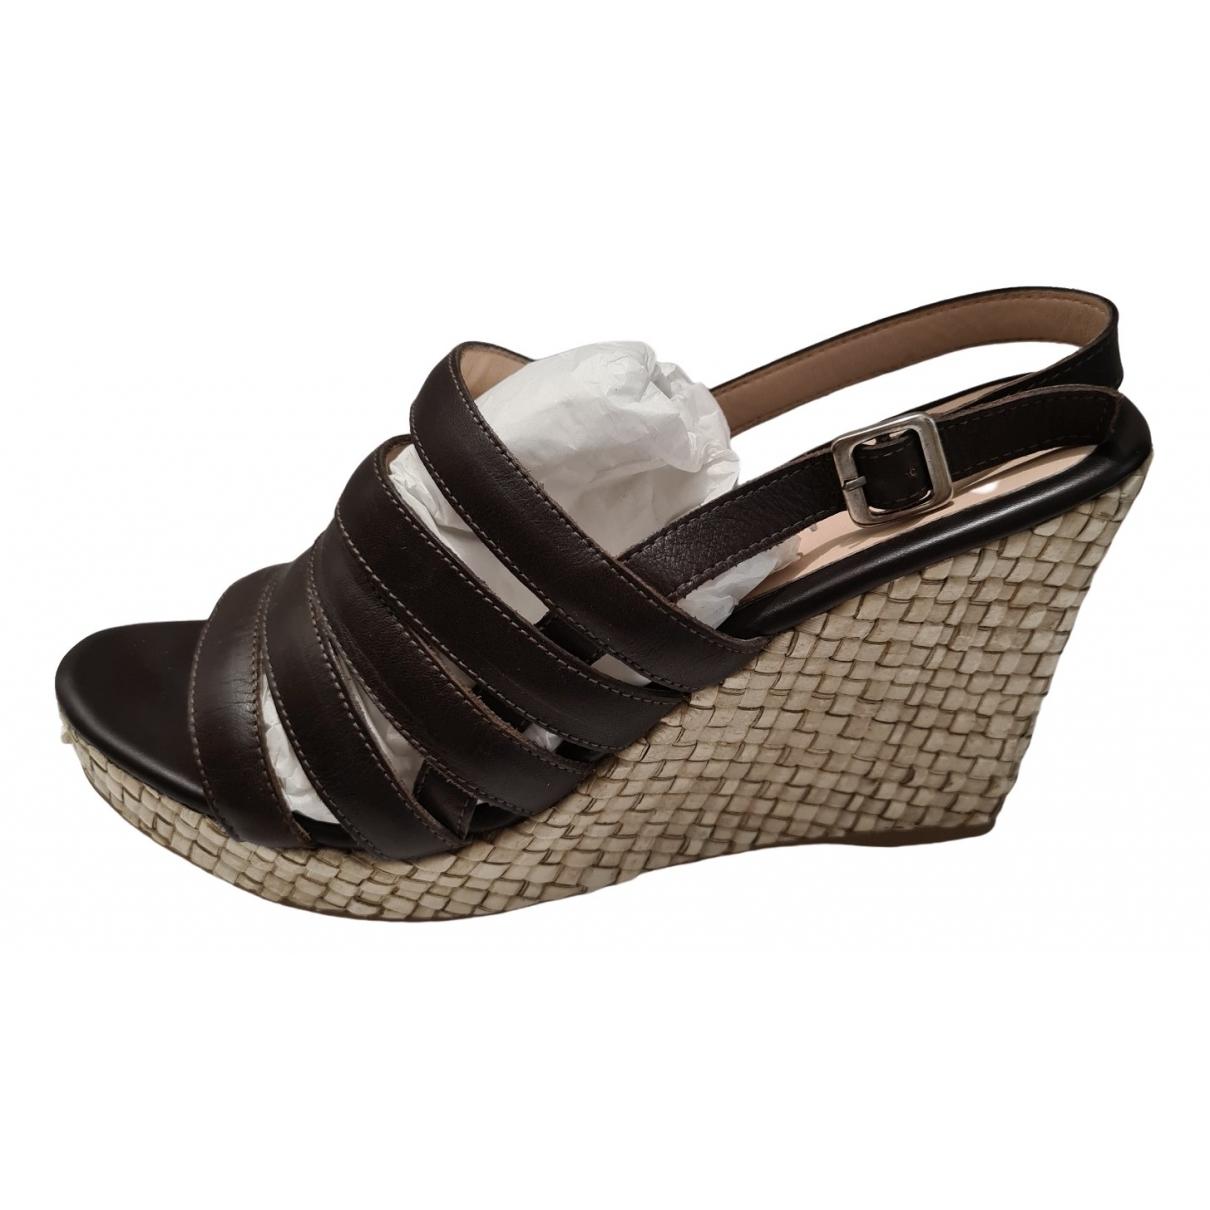 Unisa - Sandales   pour femme en cuir - marron